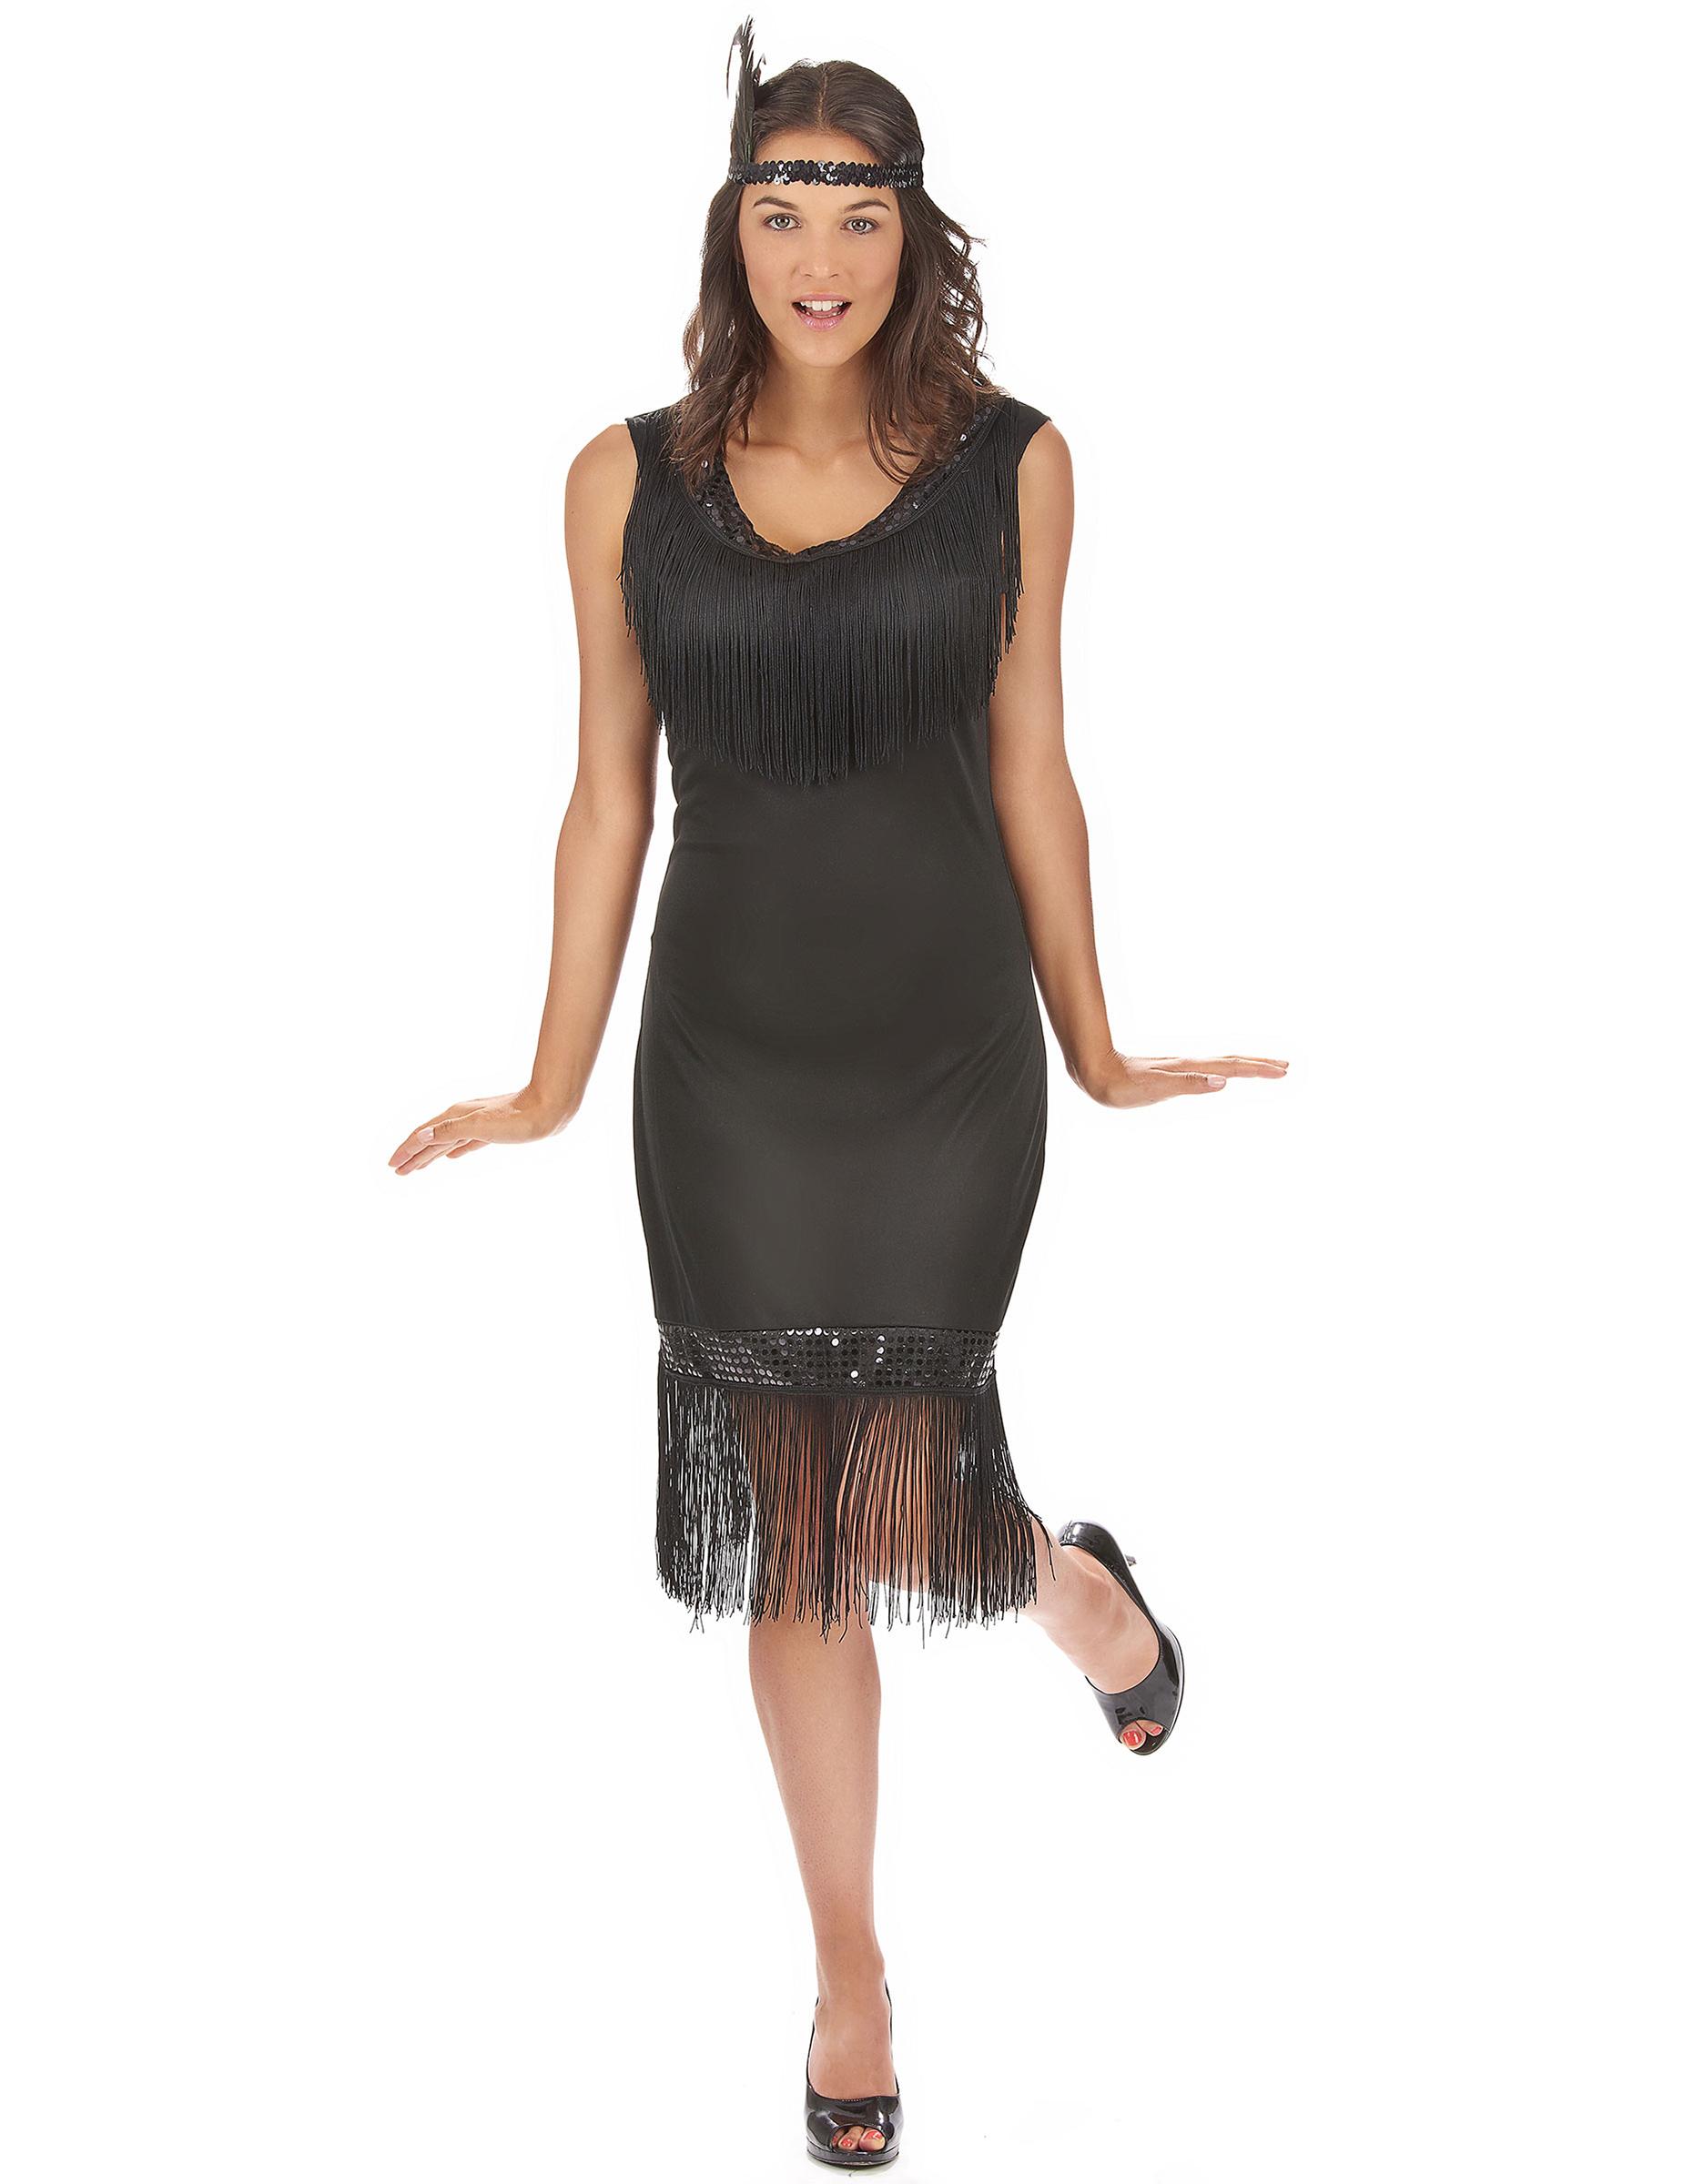 cd0ed6ecc692 Costume Charleston nero per donna: Costumi adulti,e vestiti di ...